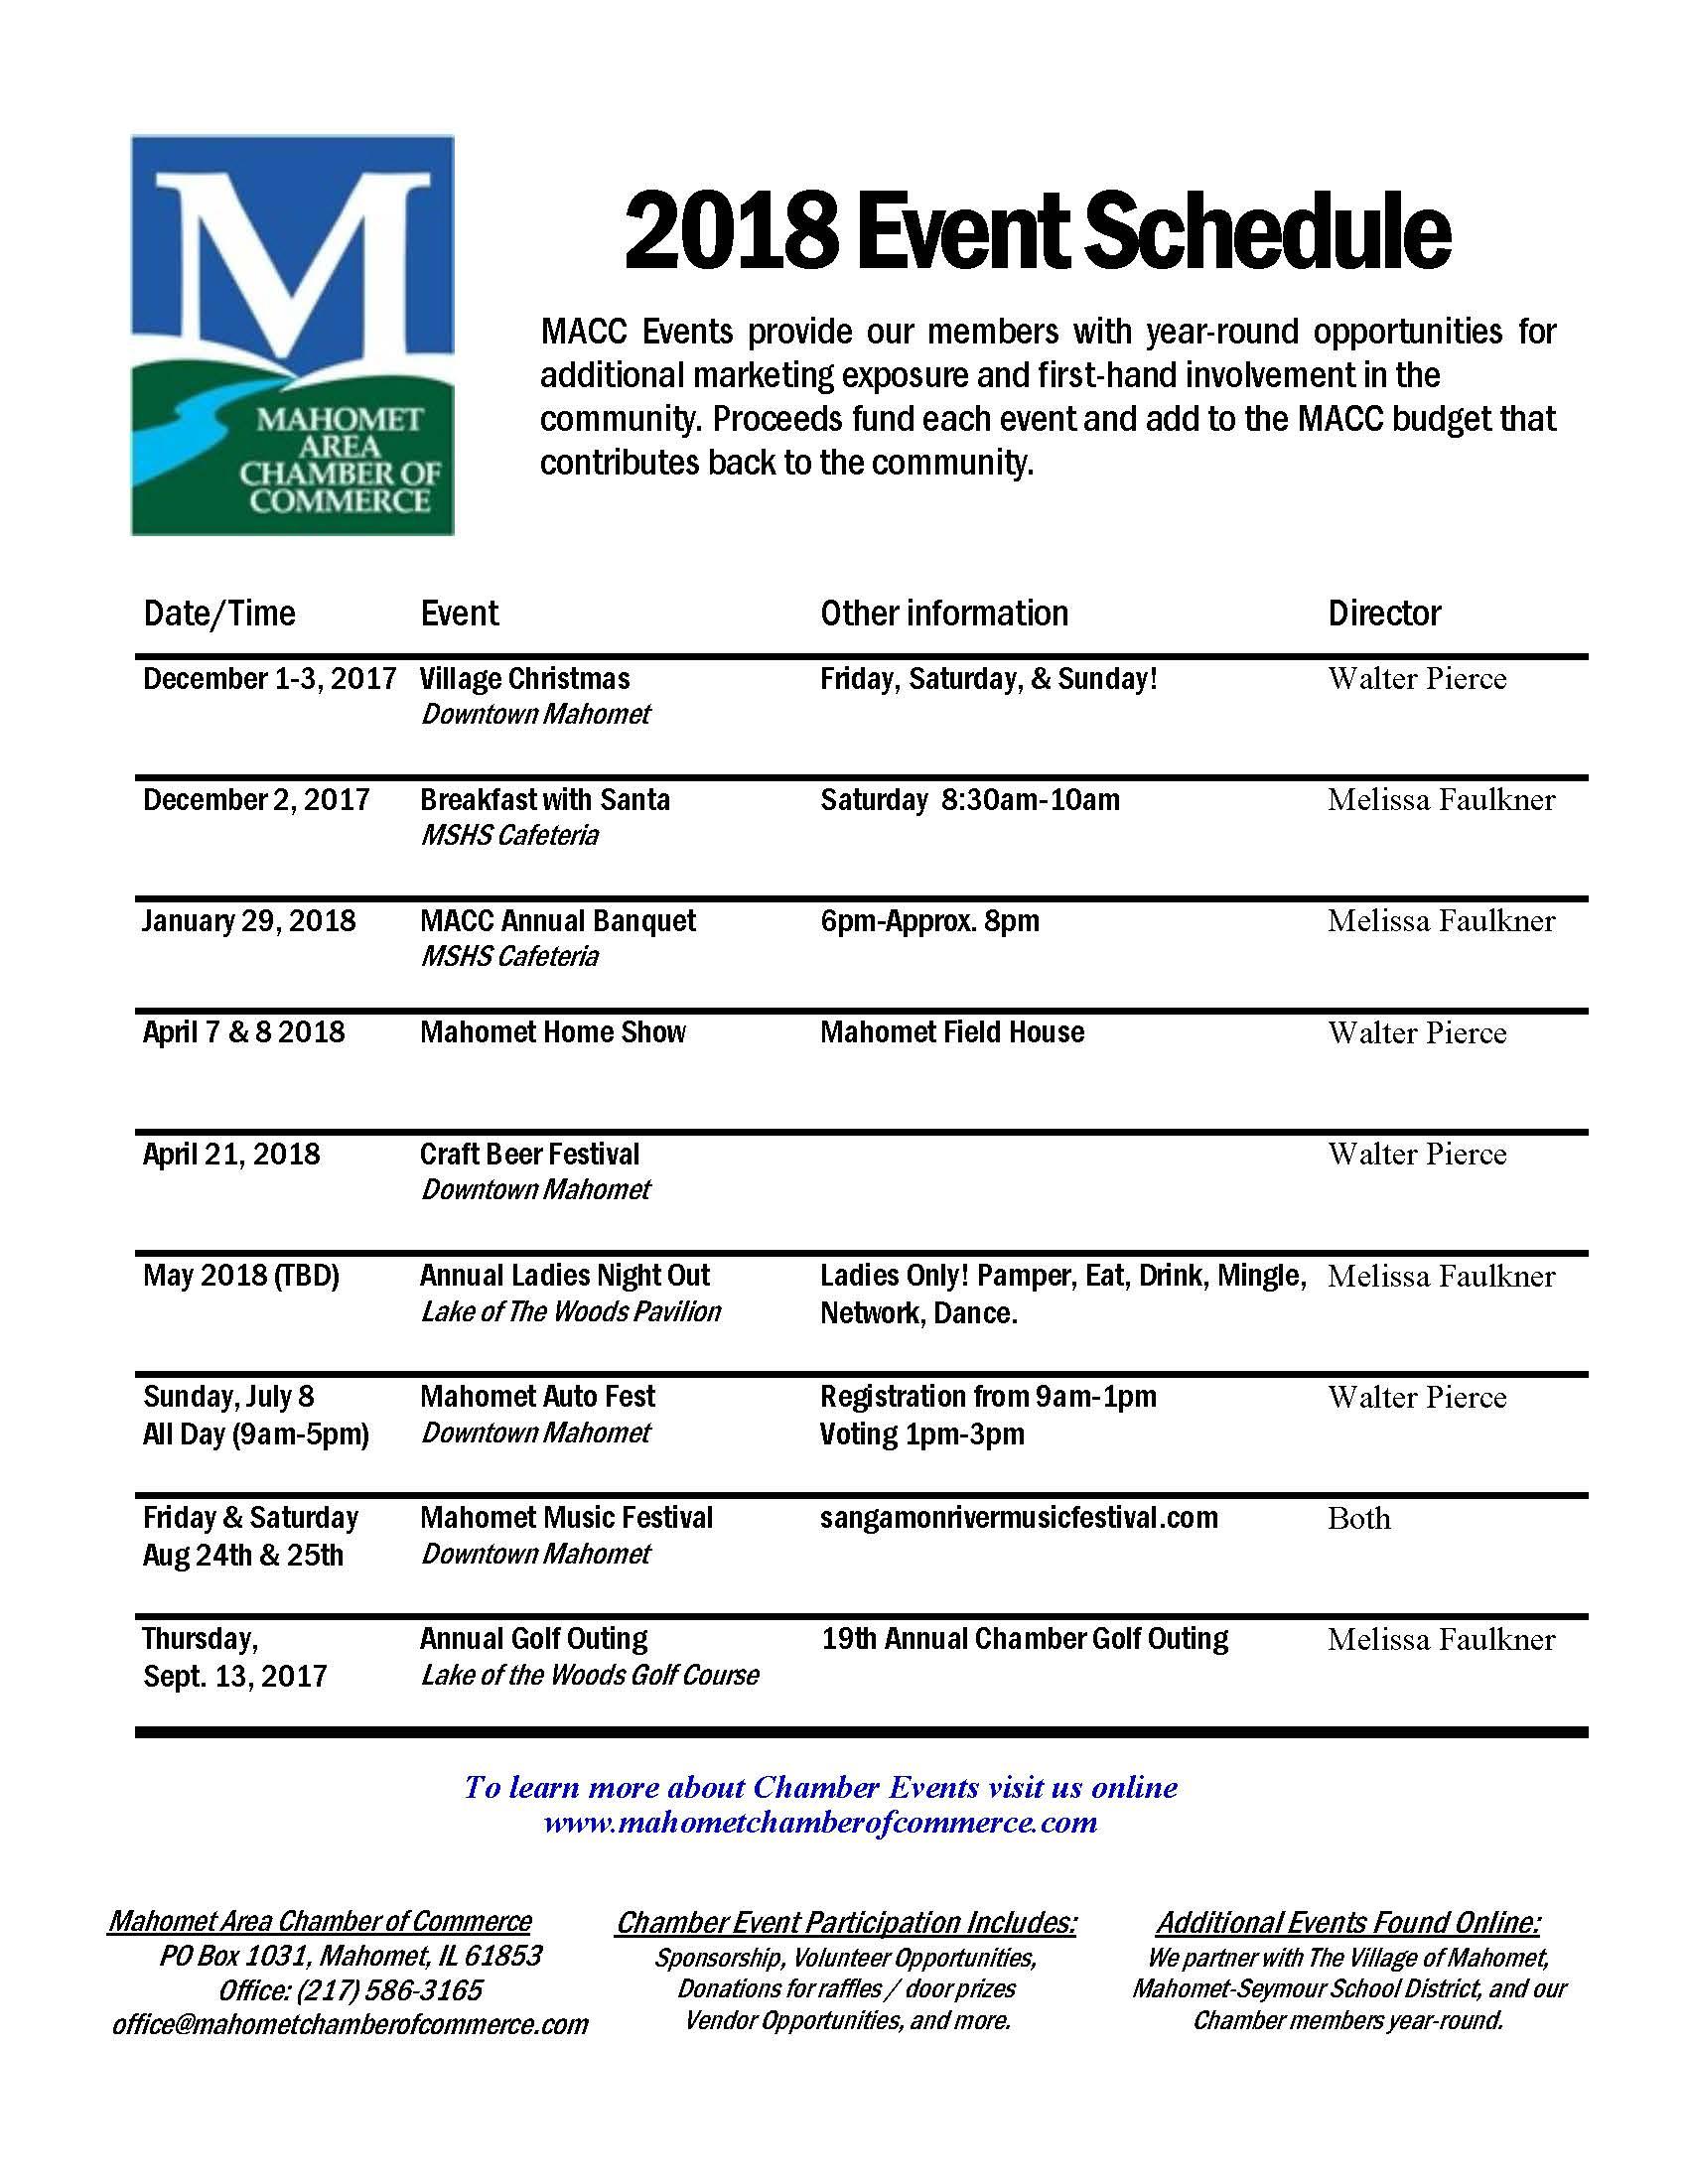 Event-Schedule-2018-with-Directors.jpg